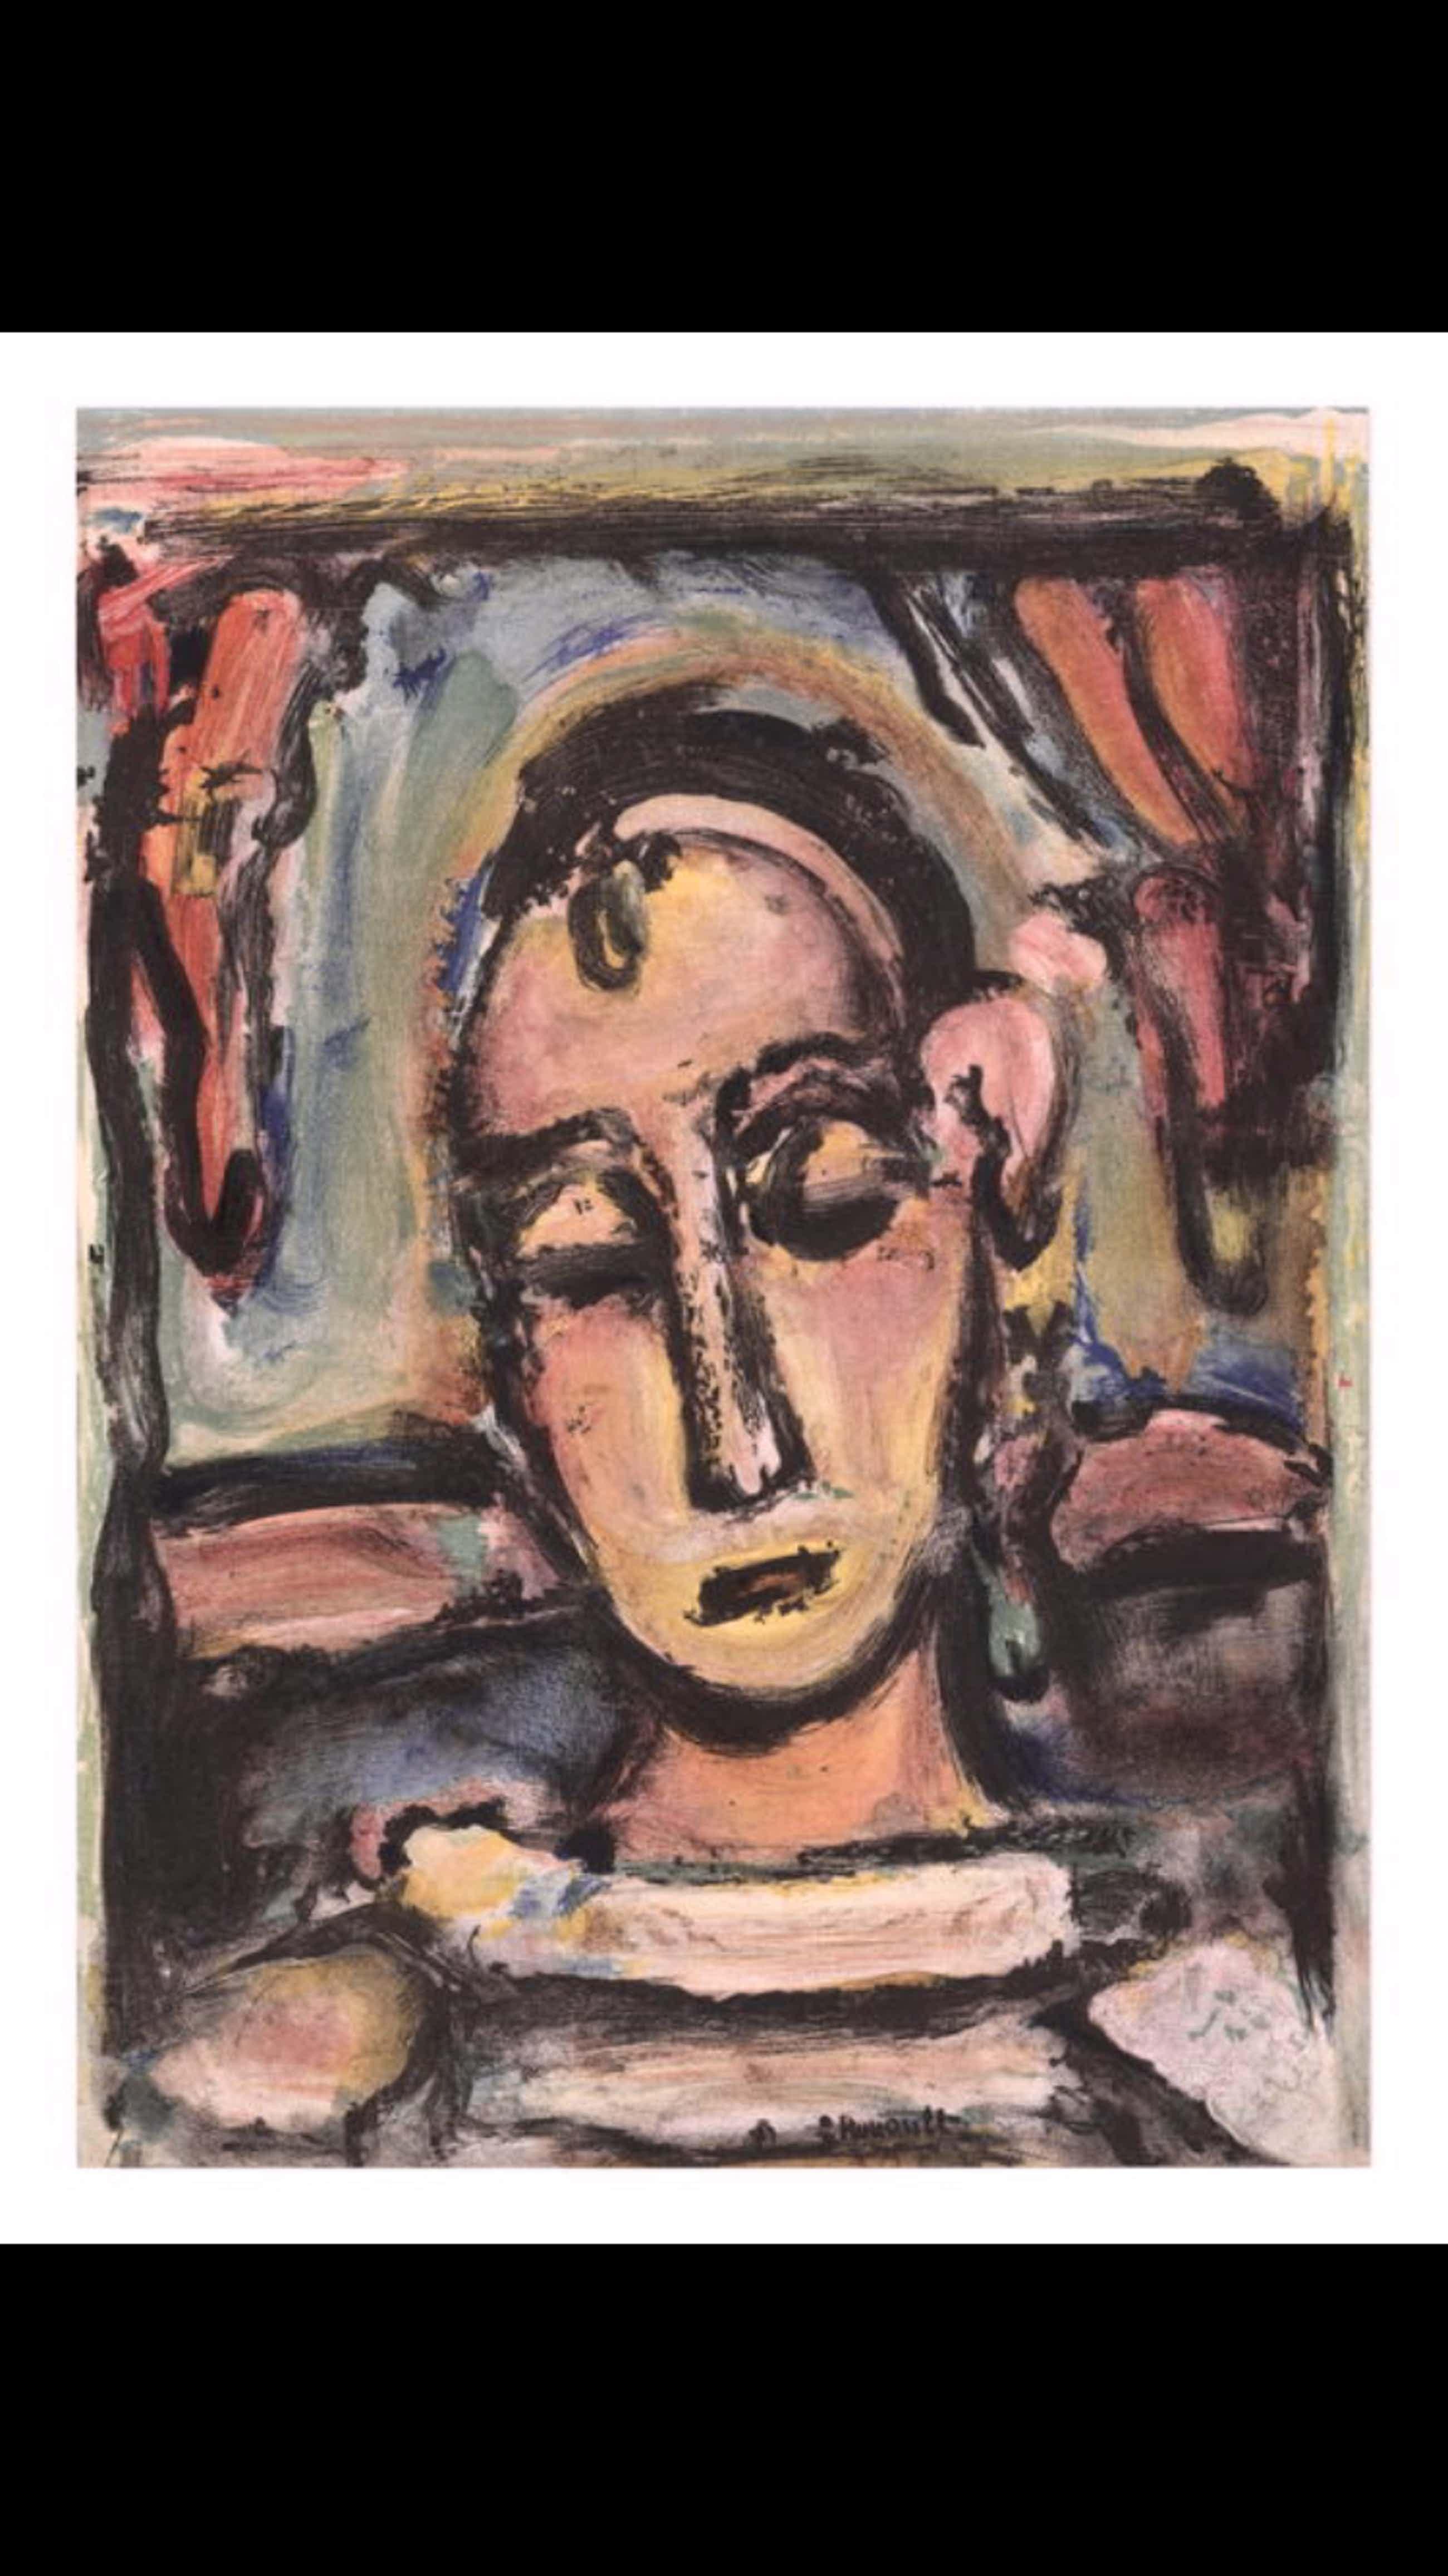 Georges Rouault - (1871-1958) - Tête de jeune fille kopen? Bied vanaf 75!